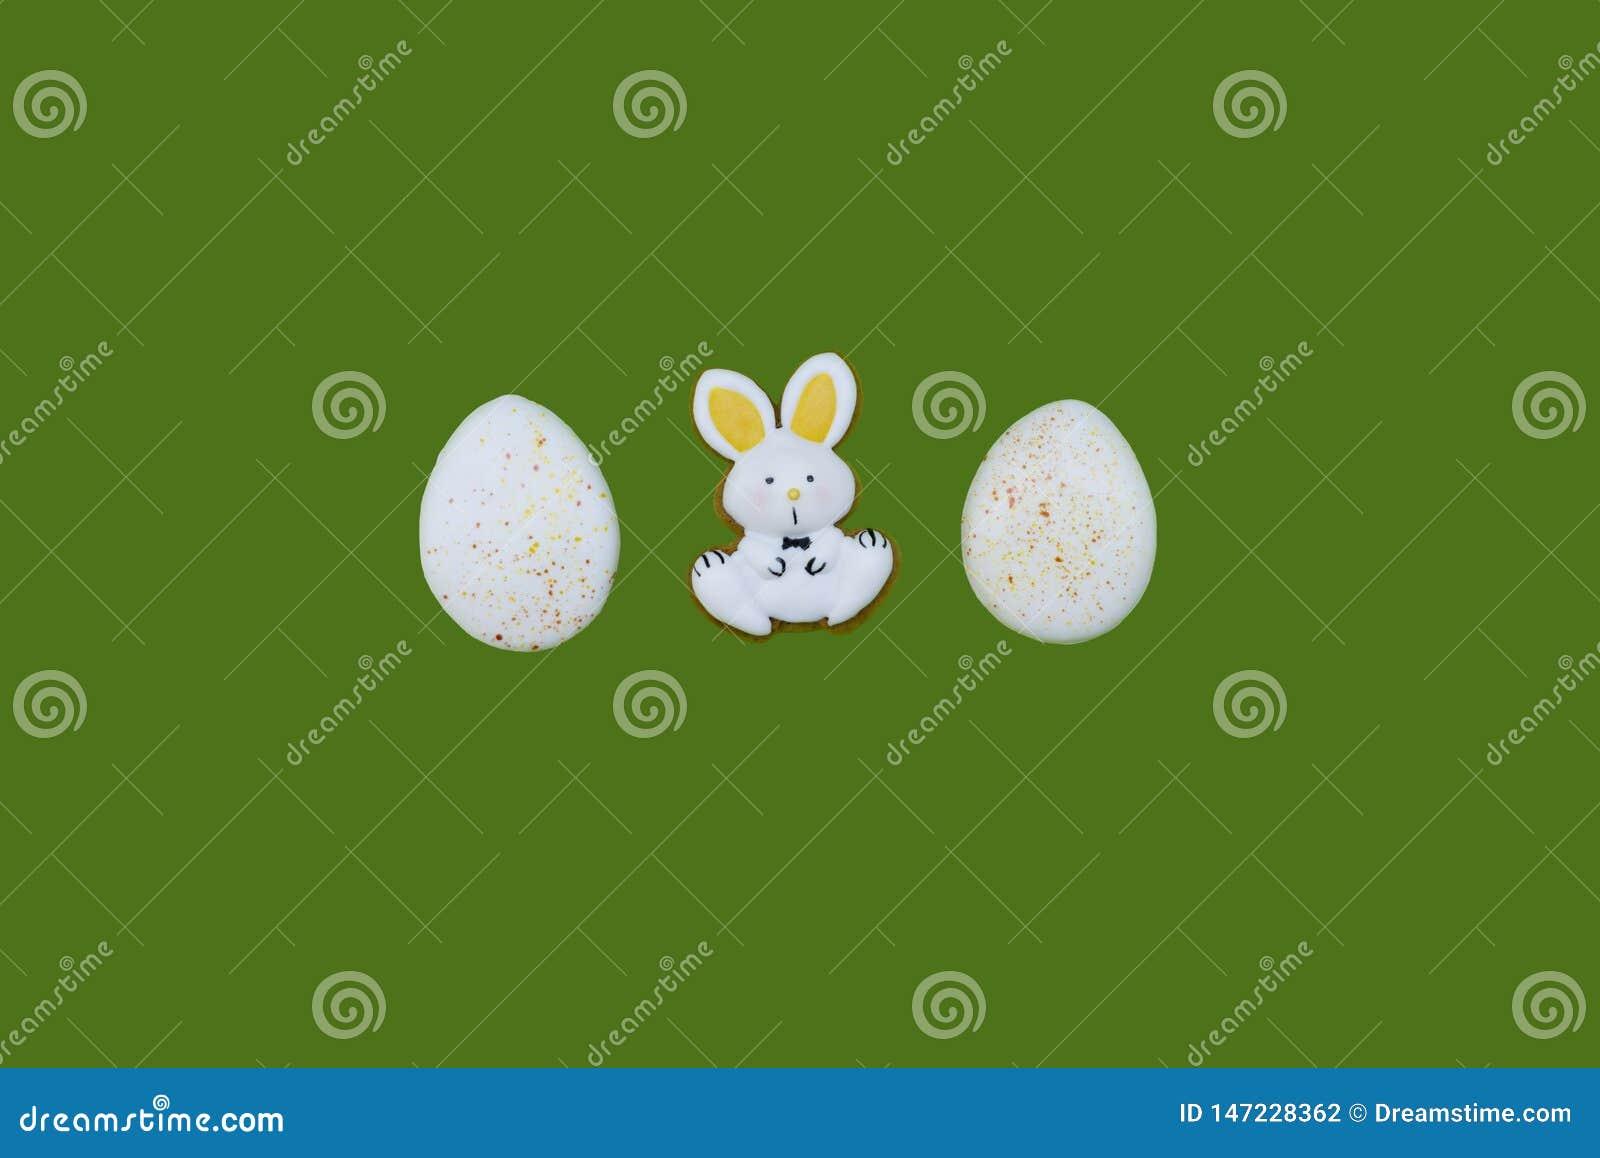 Пряники пасхи как яйца и зайцы